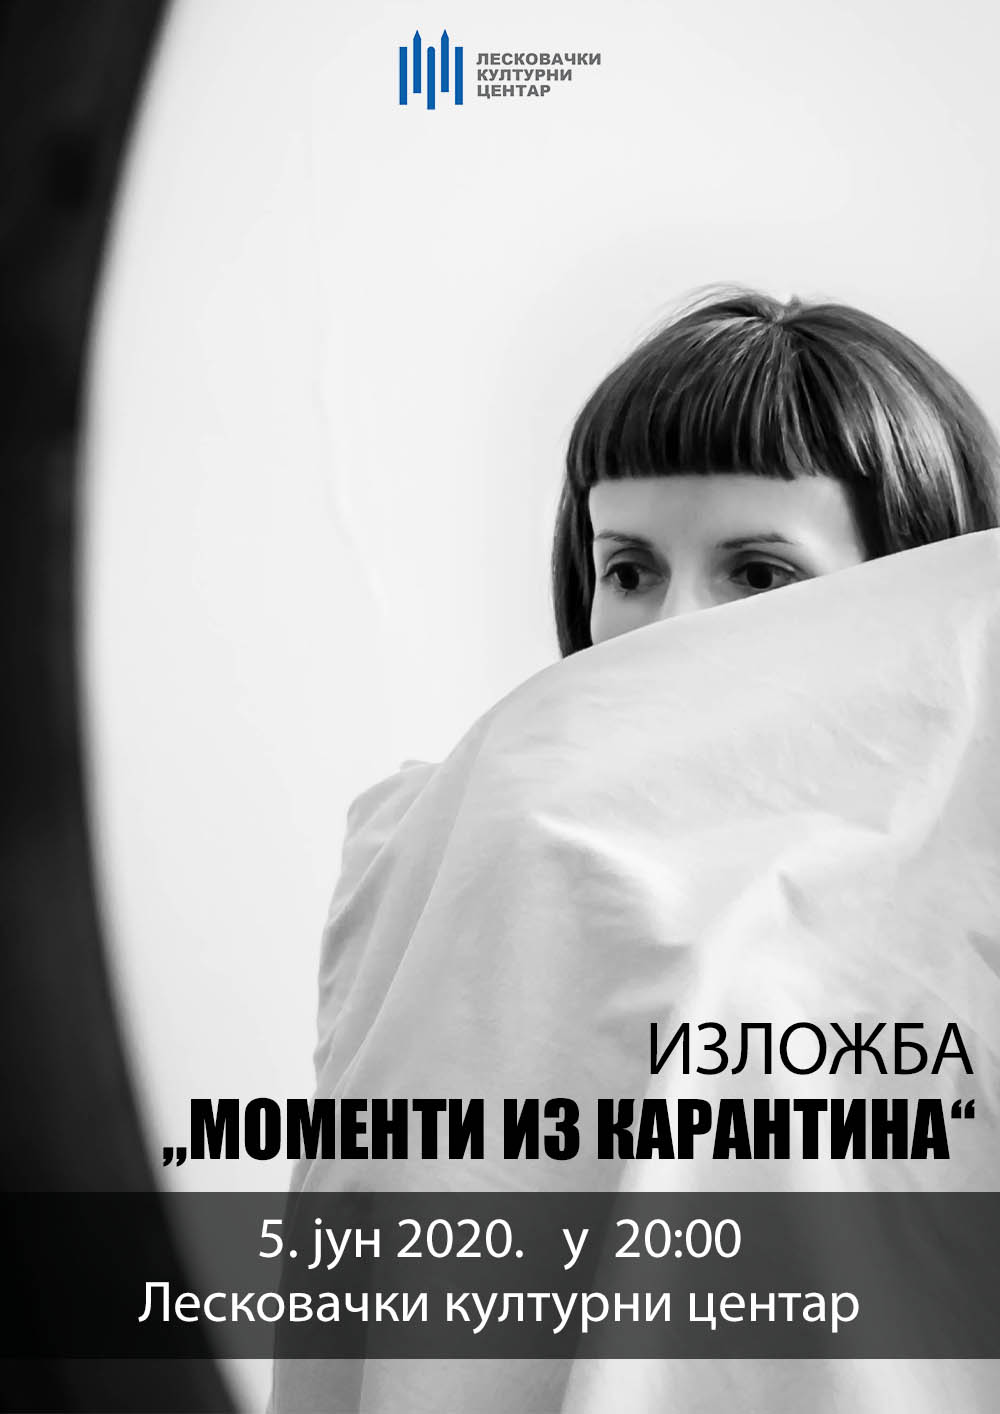 Momenti plakat sajt